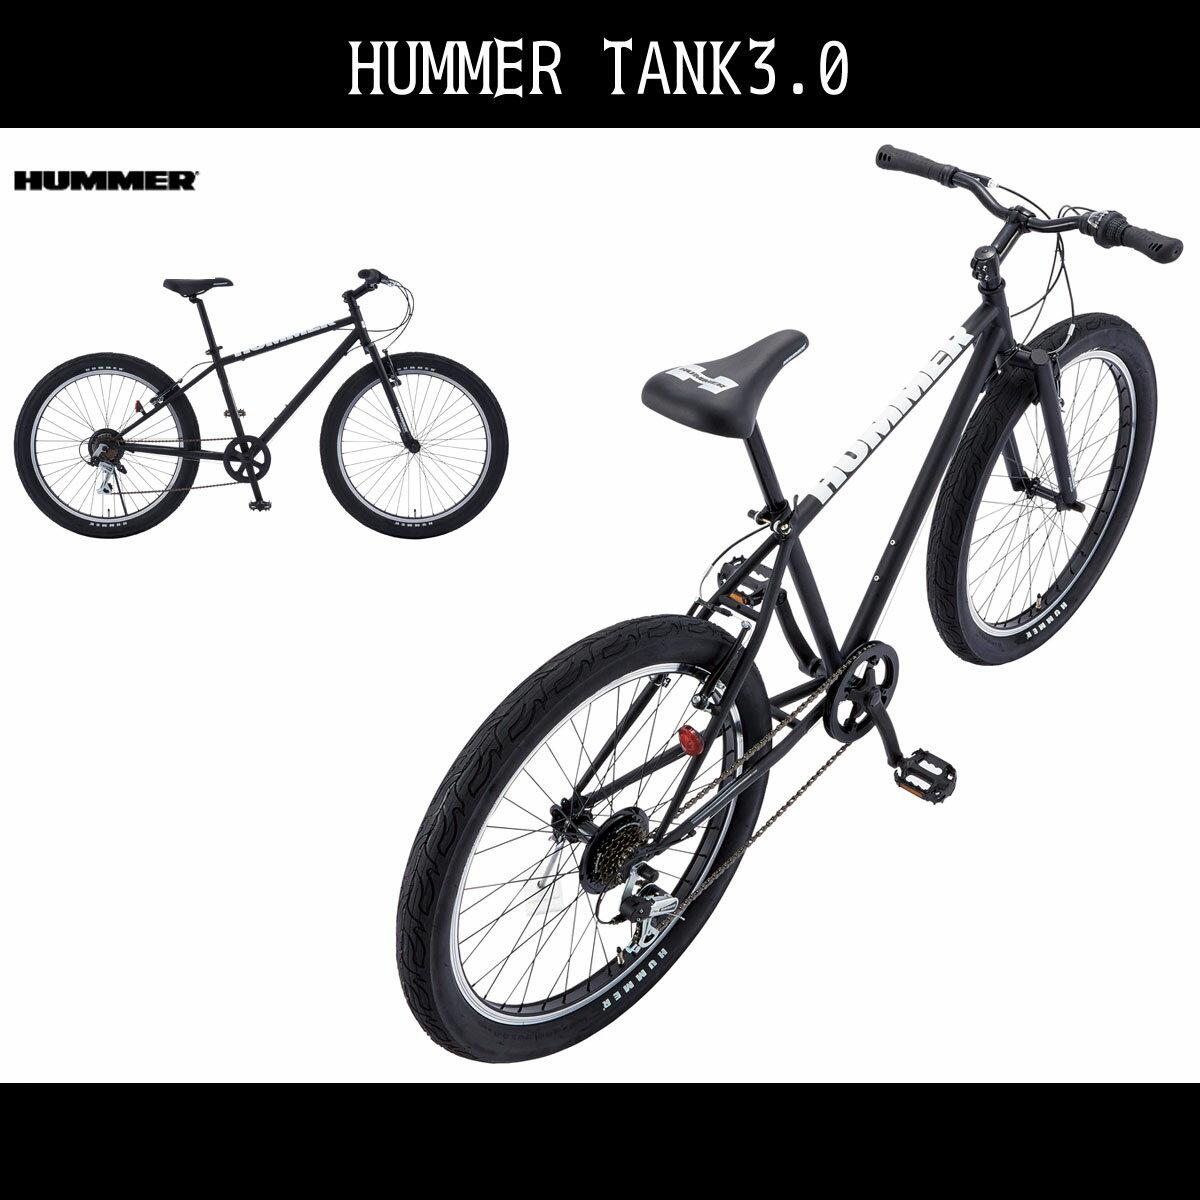 配送先一都三県一部地域限定送料無料 TANK3.0 マウンテンバイク ハマー 自転車 MTB 外装6段変速ギア マウンテンバイク 26インチ 黒色 ブラック 自転車 HUMMER ハマー マウンテンバイク ギア付 通販 おしゃれ